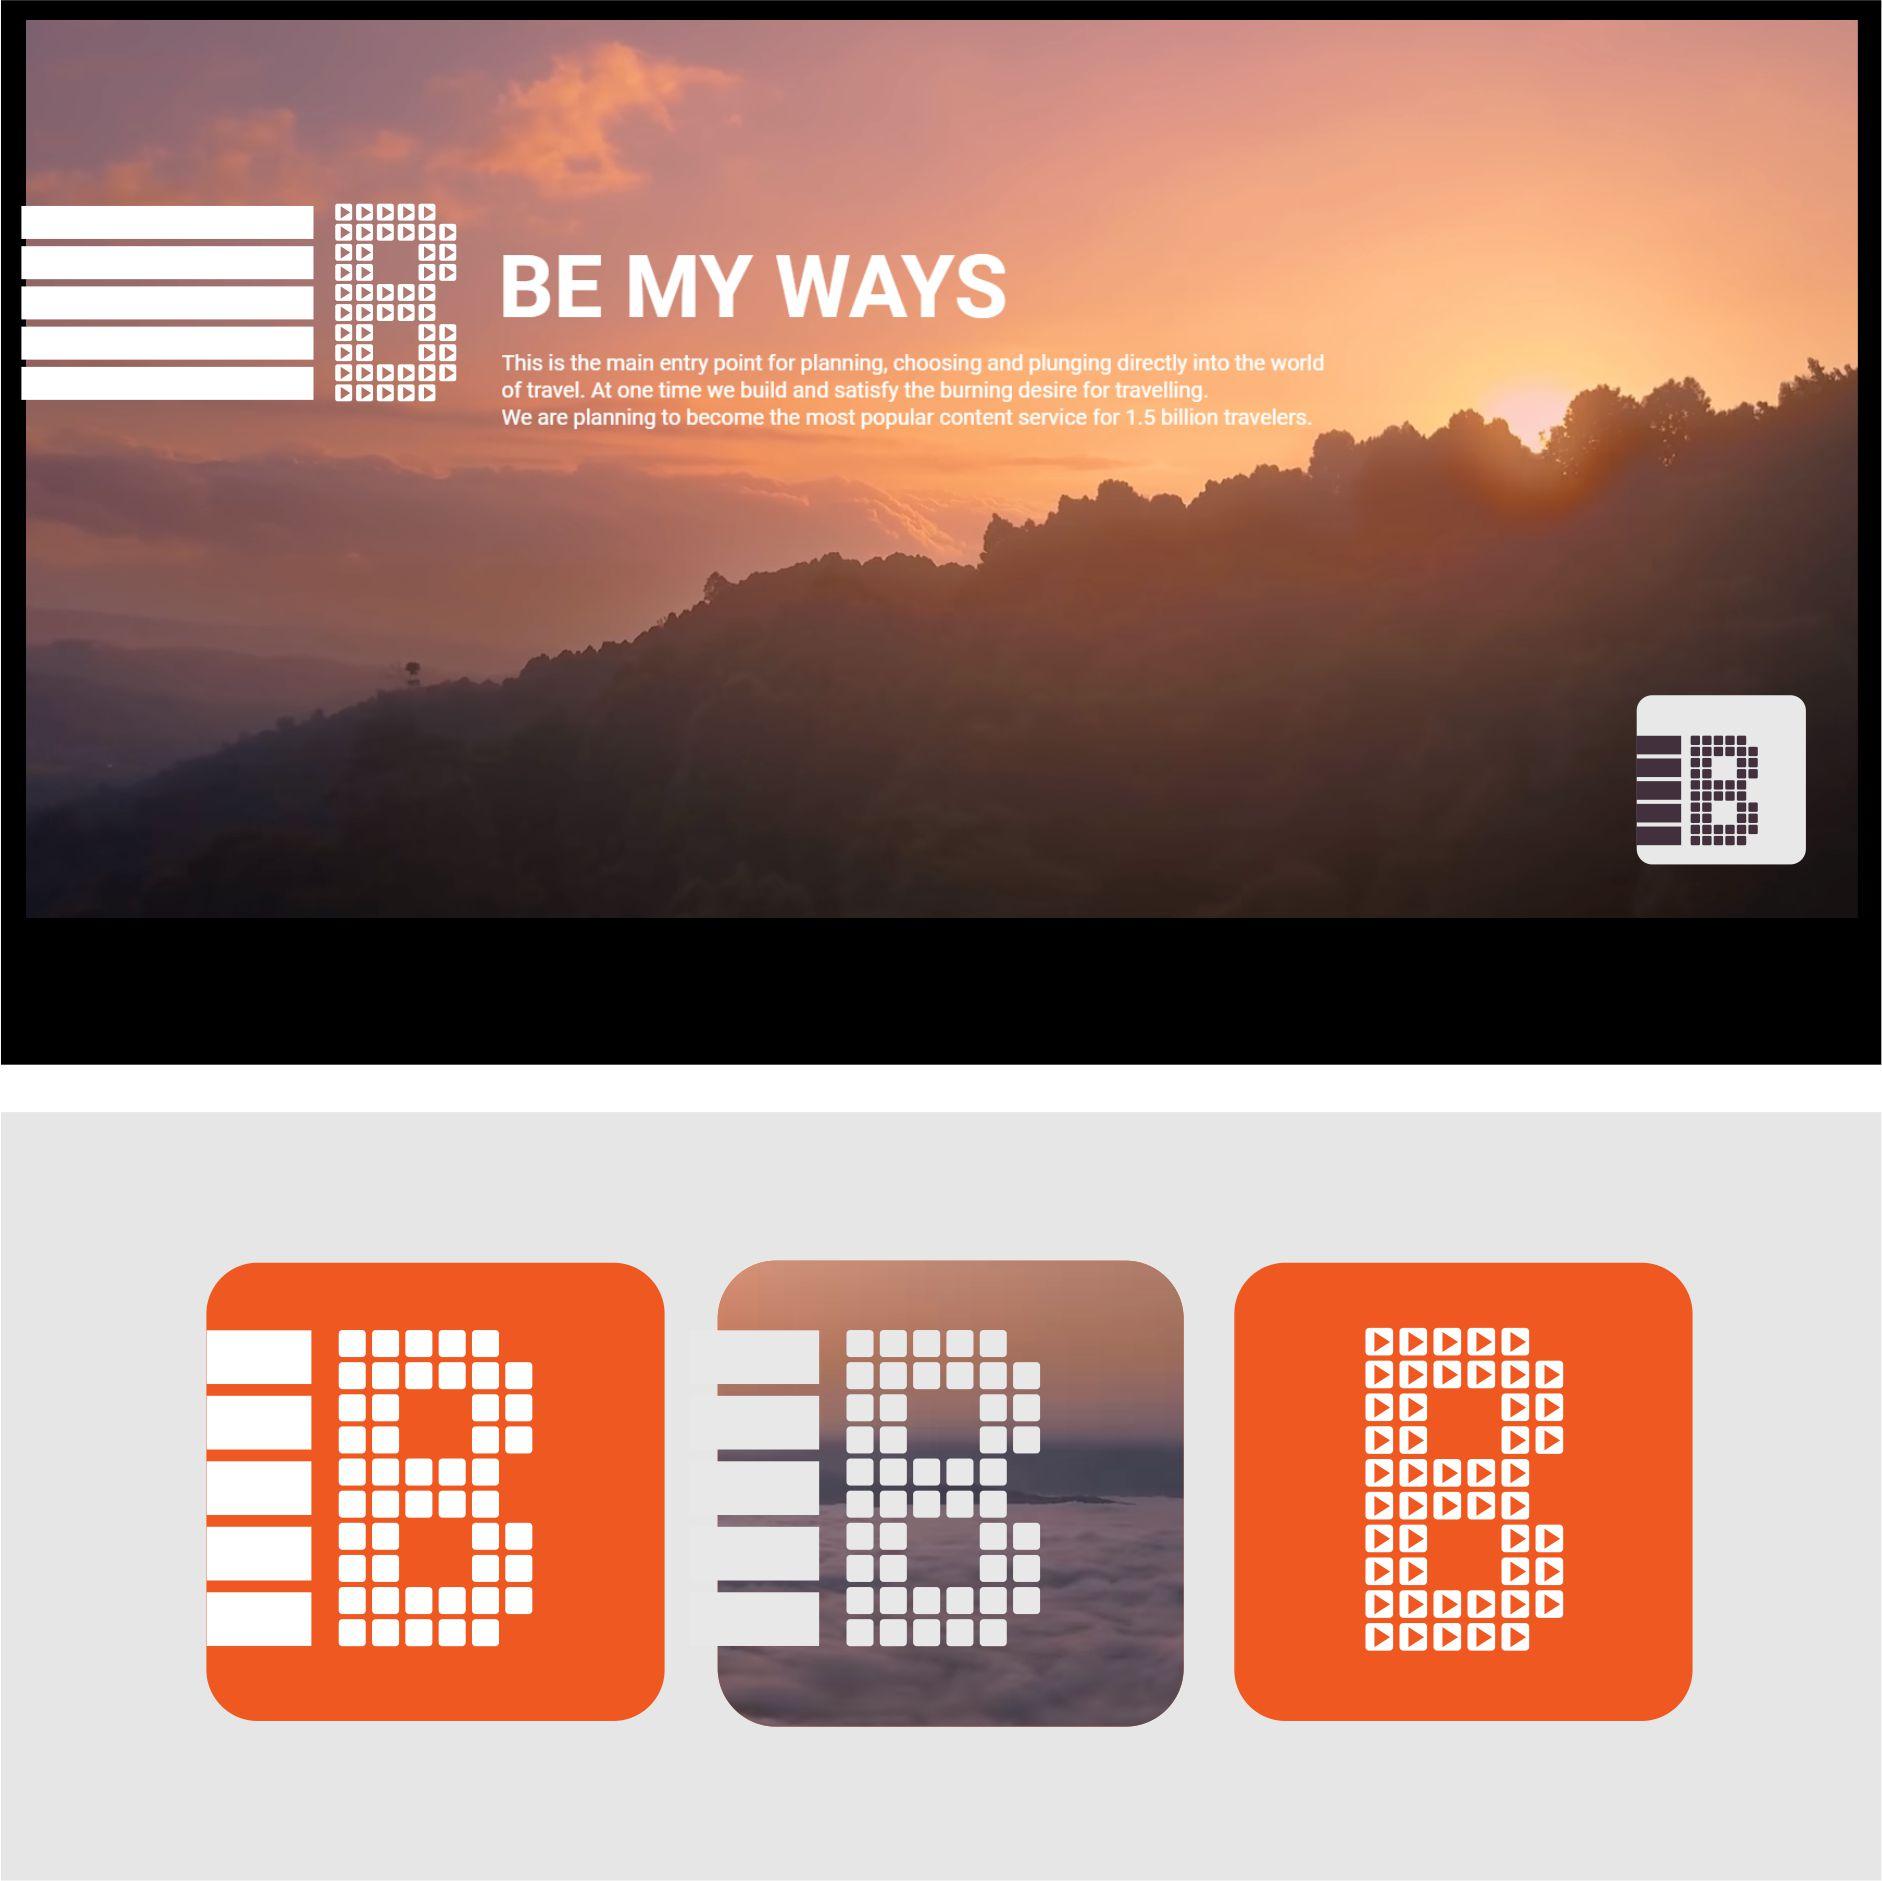 Разработка логотипа и иконки для Travel Video Platform фото f_7575c3c60216c158.jpg